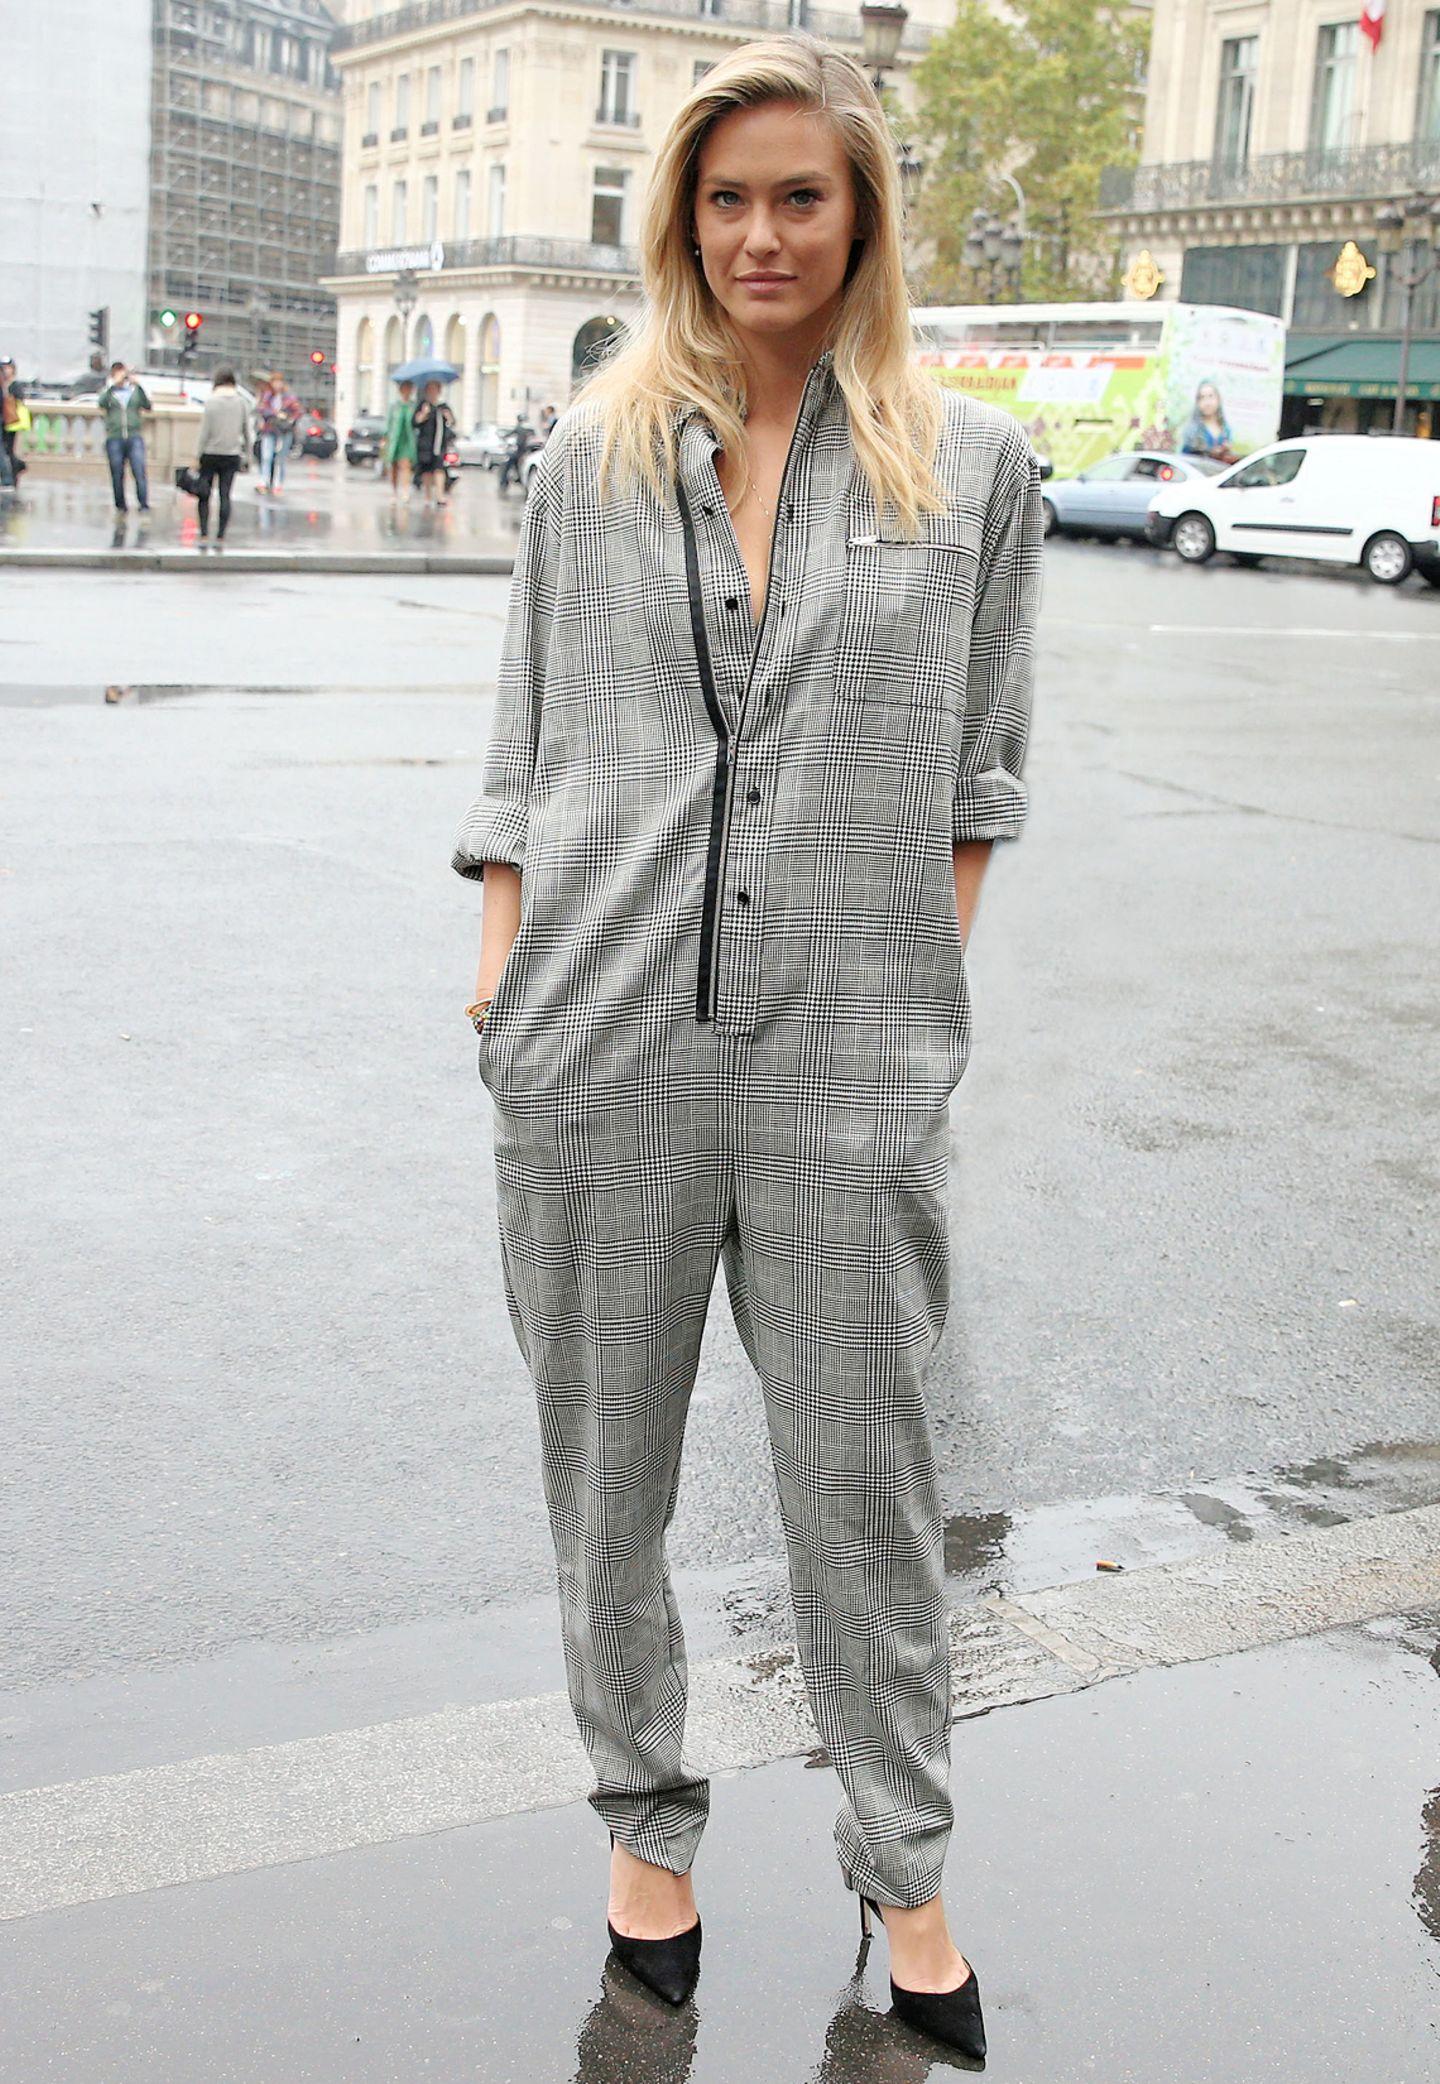 Model Bar Rafaeli weiß, dass auch lässige Looks super sexy sein können und stylt zum weit sitzenden, karierten Overall spitze, hohe Pumps.